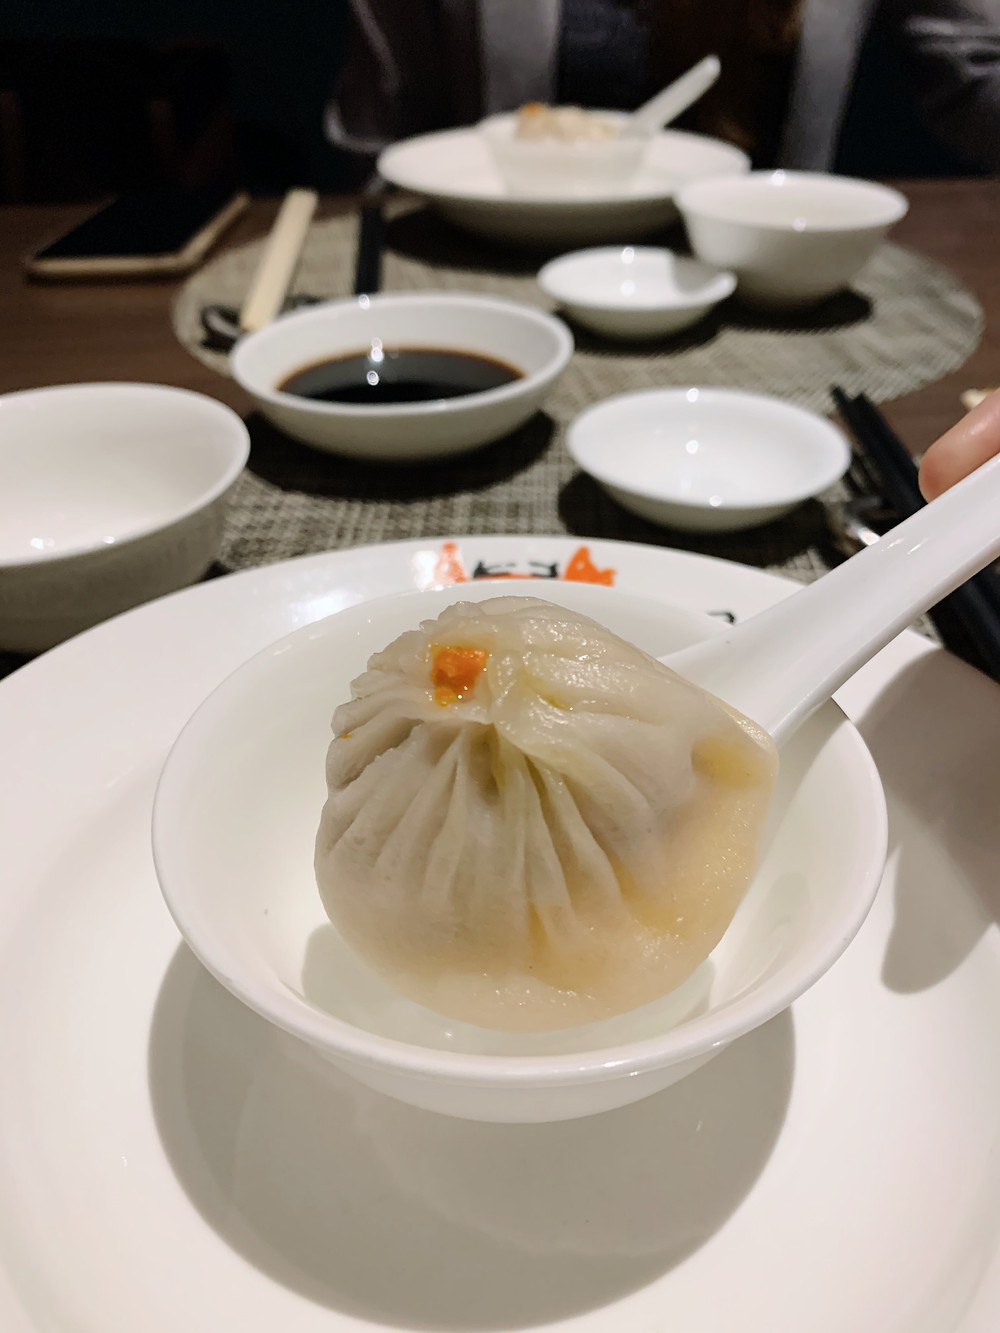 xiaolongbao at Ye Shanghai restaurant in K11 Musea Hong Kong